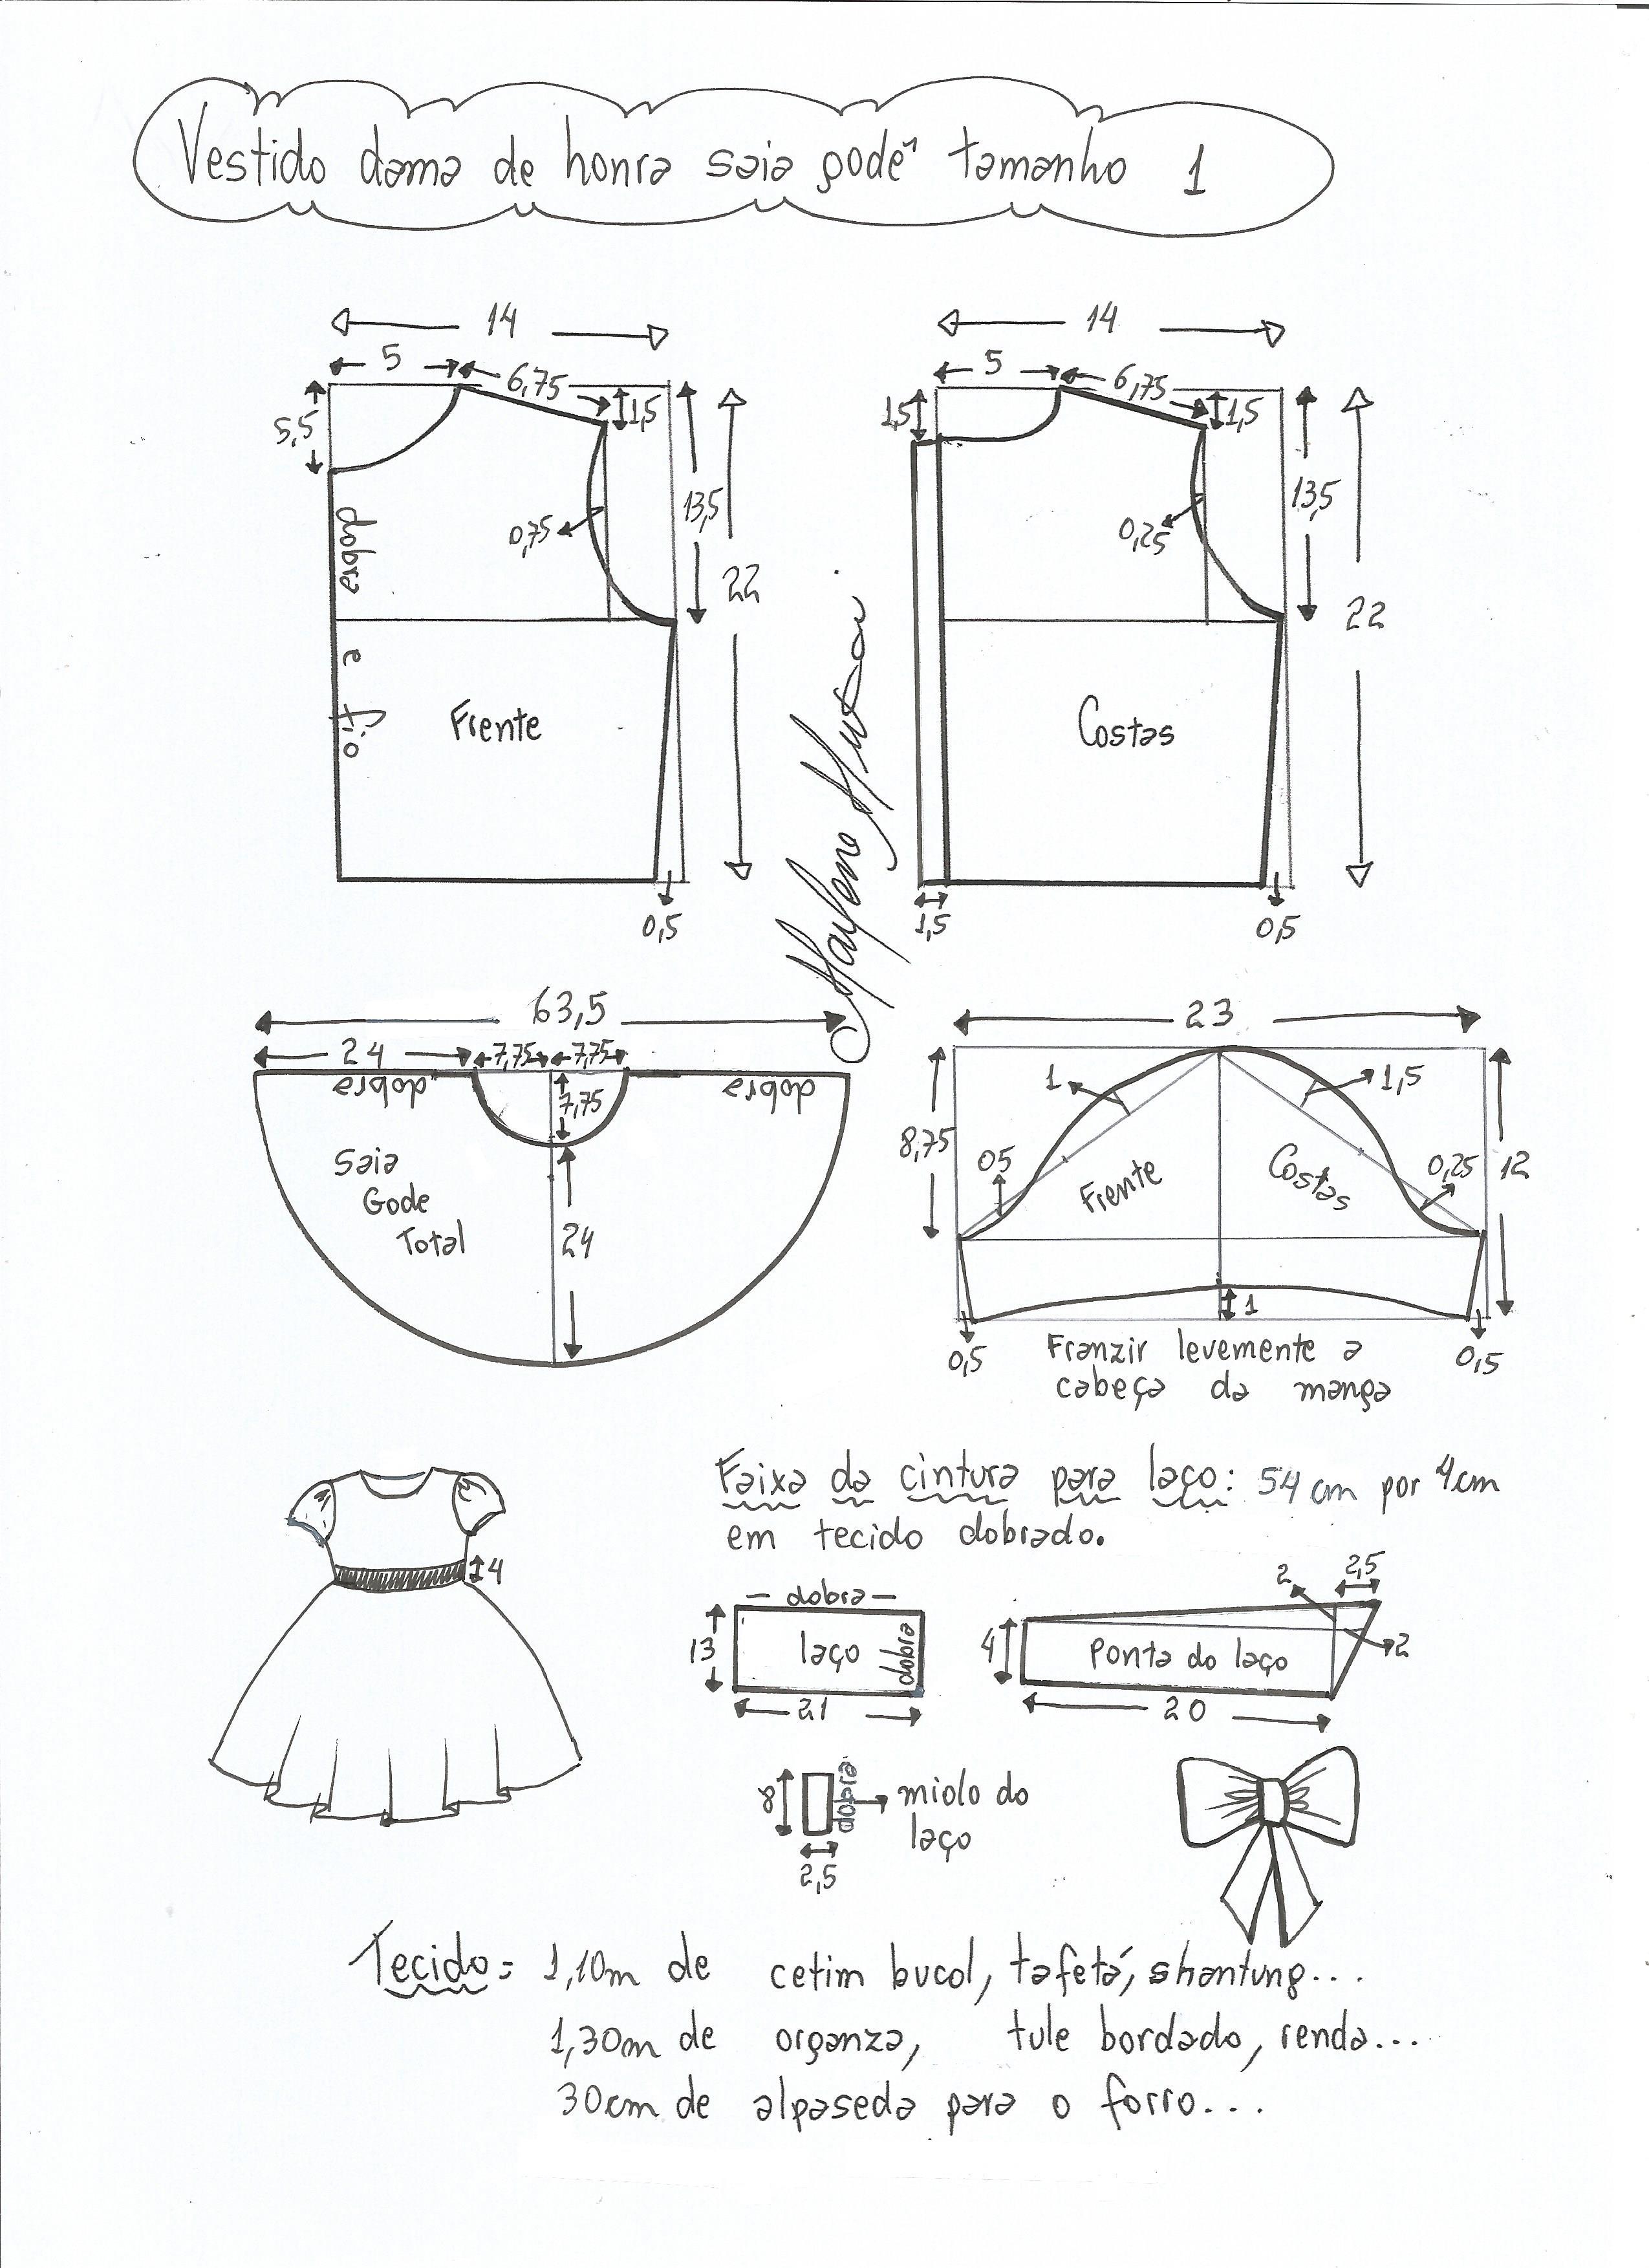 1155661f2 Esquema de modelagem de vestido dama de honra com saia godê tamanho 1.